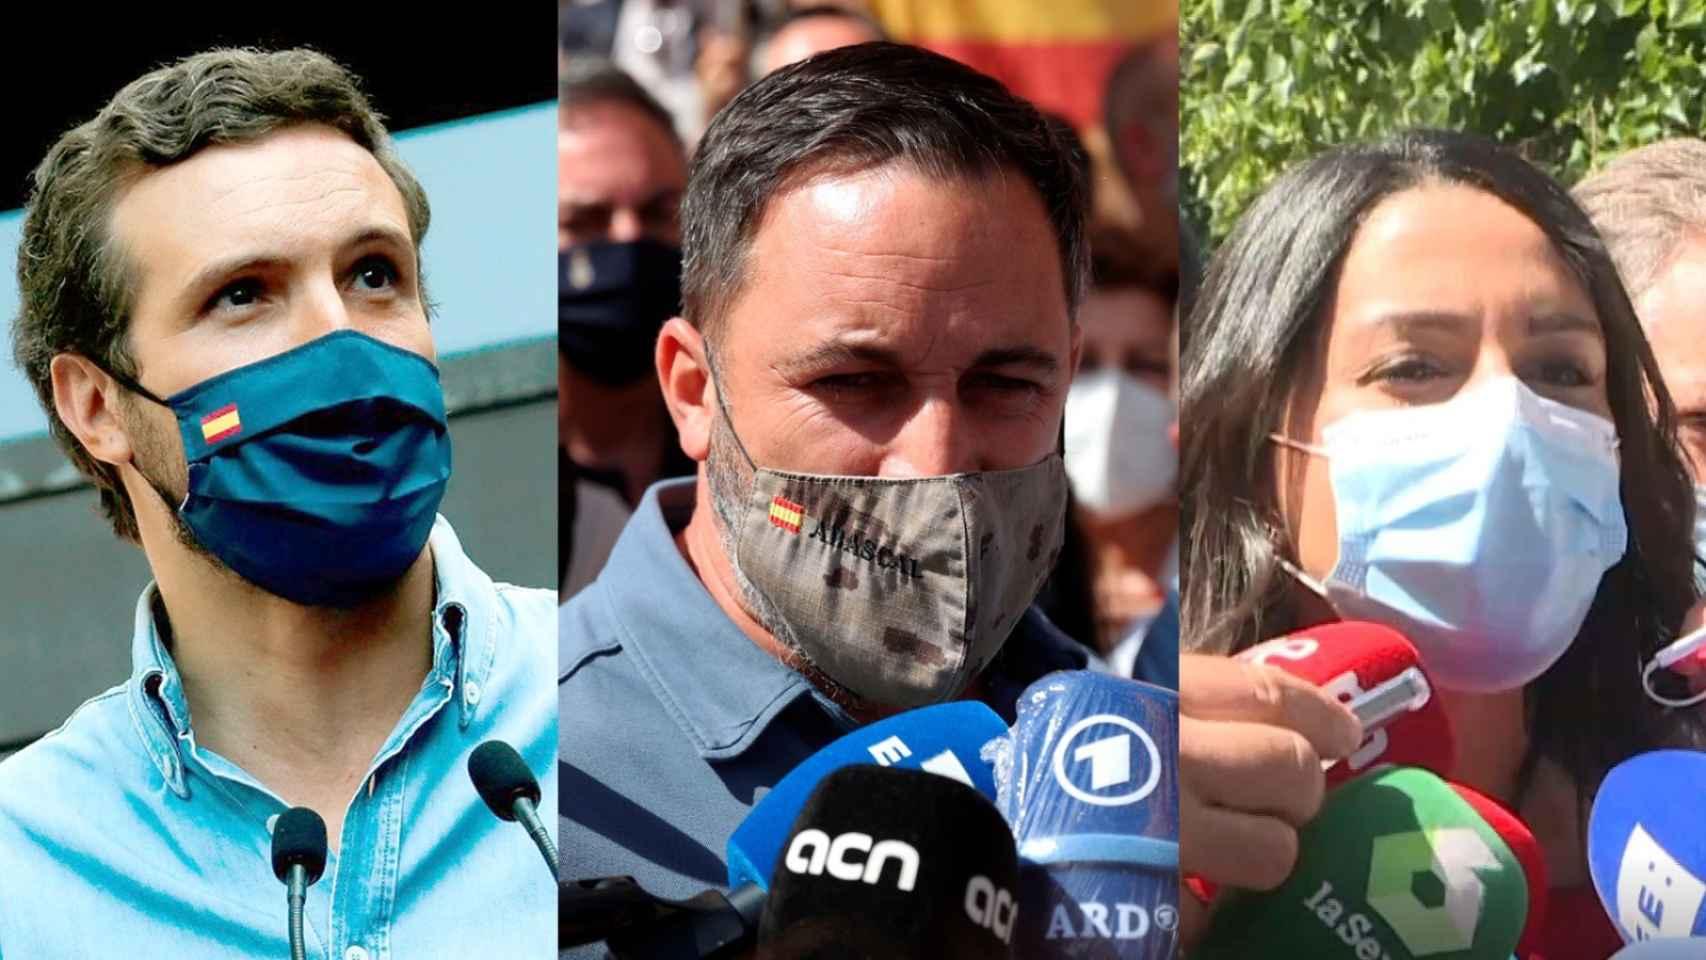 Pablo Casado, Santiago Abascal e Inés Arrimadas han acudido a la manifestación de Colón.